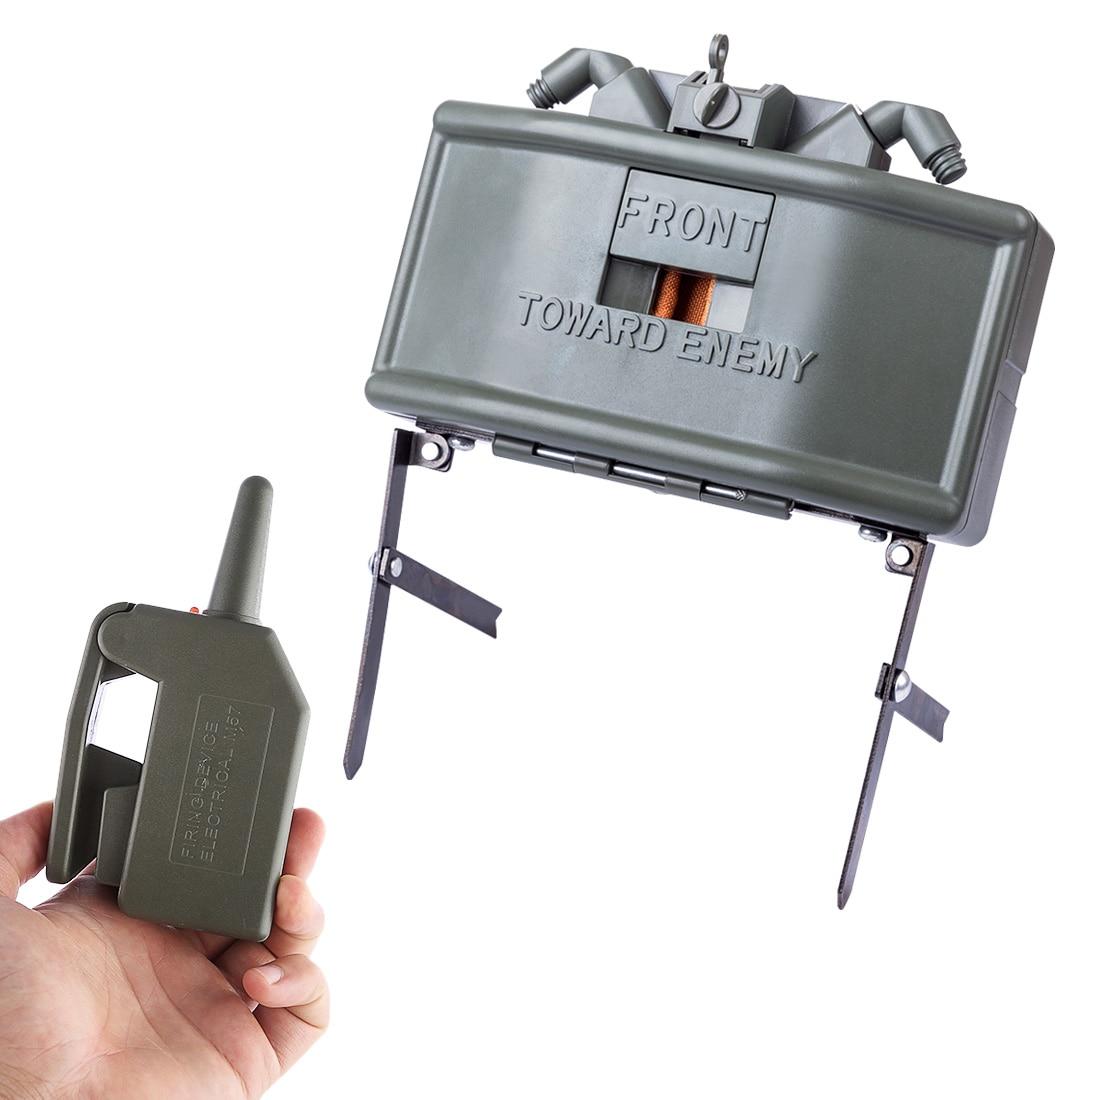 Télécommande électrique Claymore eau perles Clip eau balle balle bombe extérieur CS Airsoft équipement tactique 2019 offre spéciale